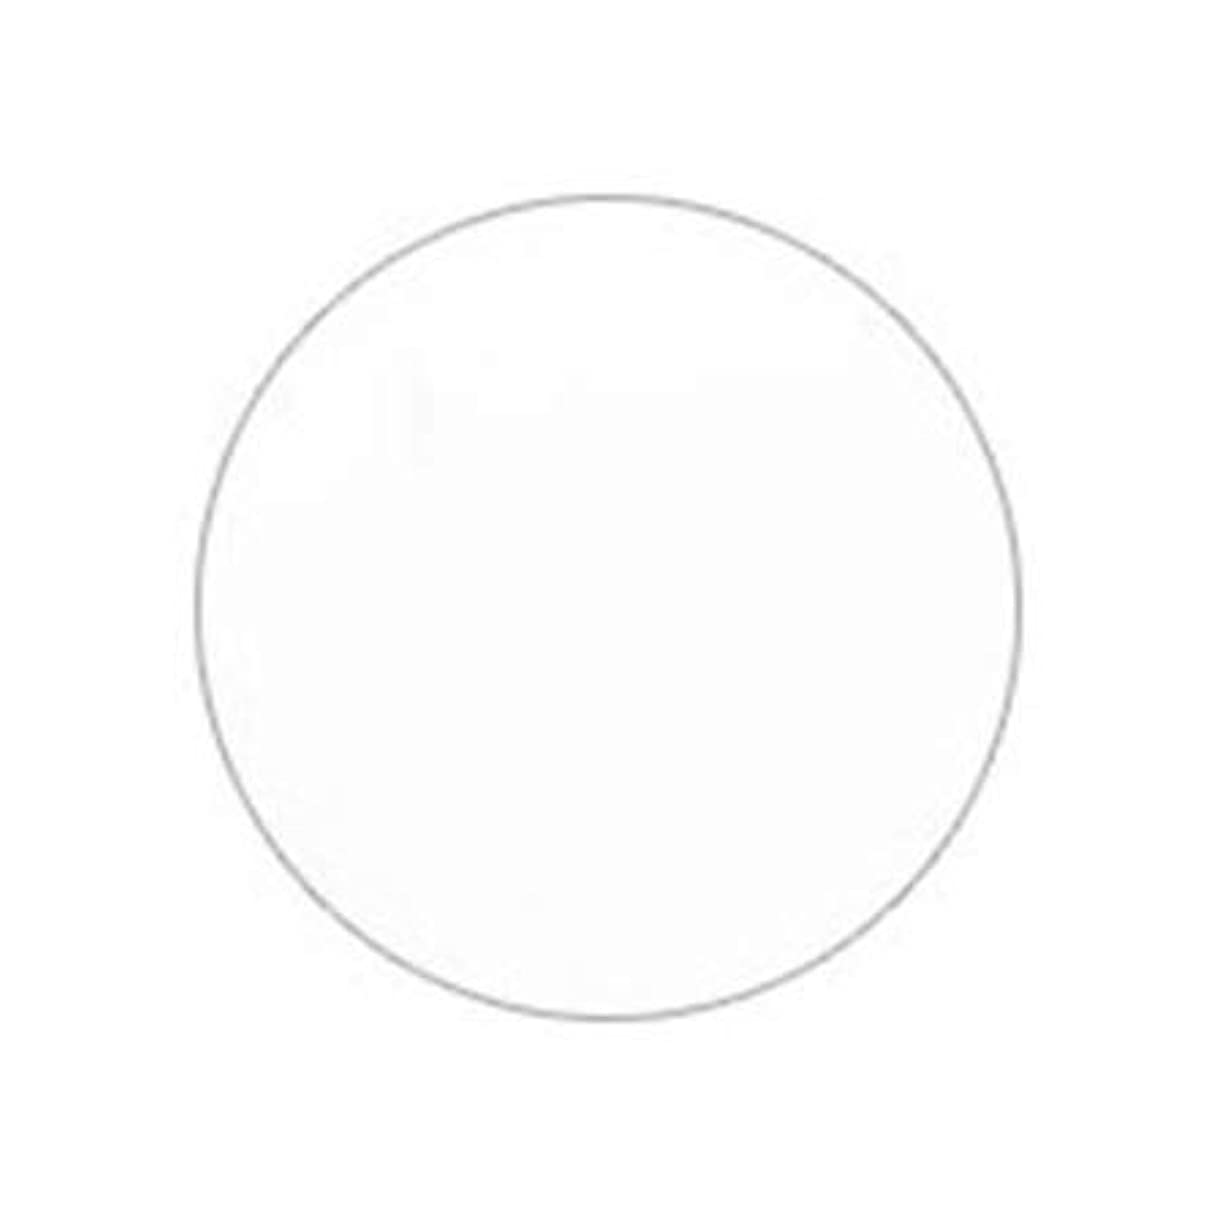 受益者崇拝しますフェッチPutiel プティール カラージェル 201 ホワイト 4g